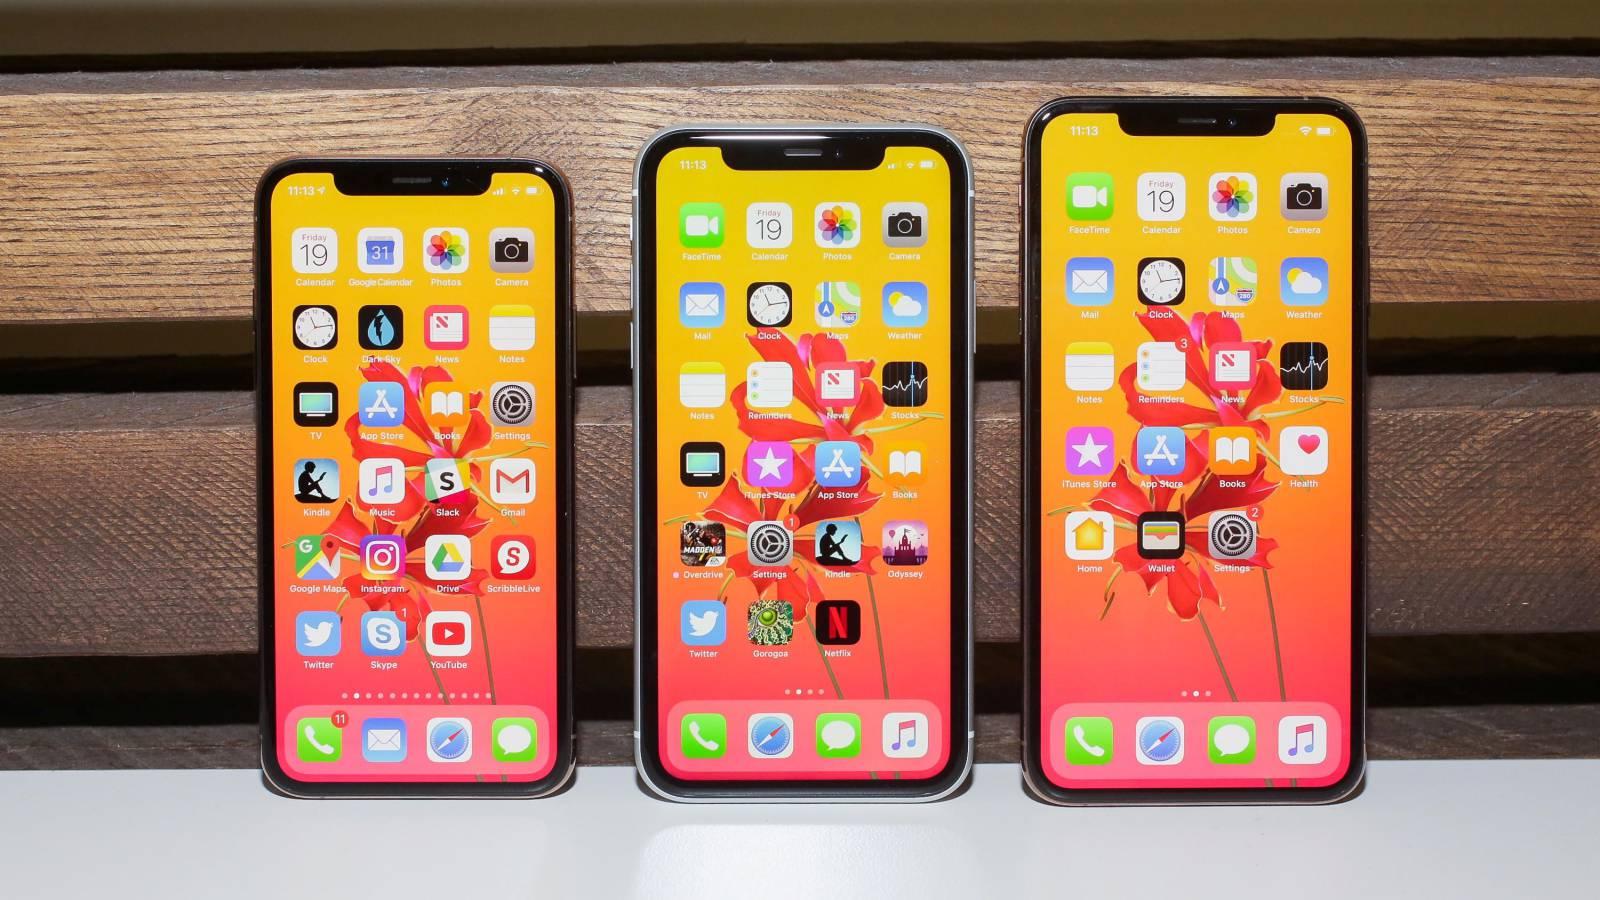 iphone 5g 2020 qualcomm